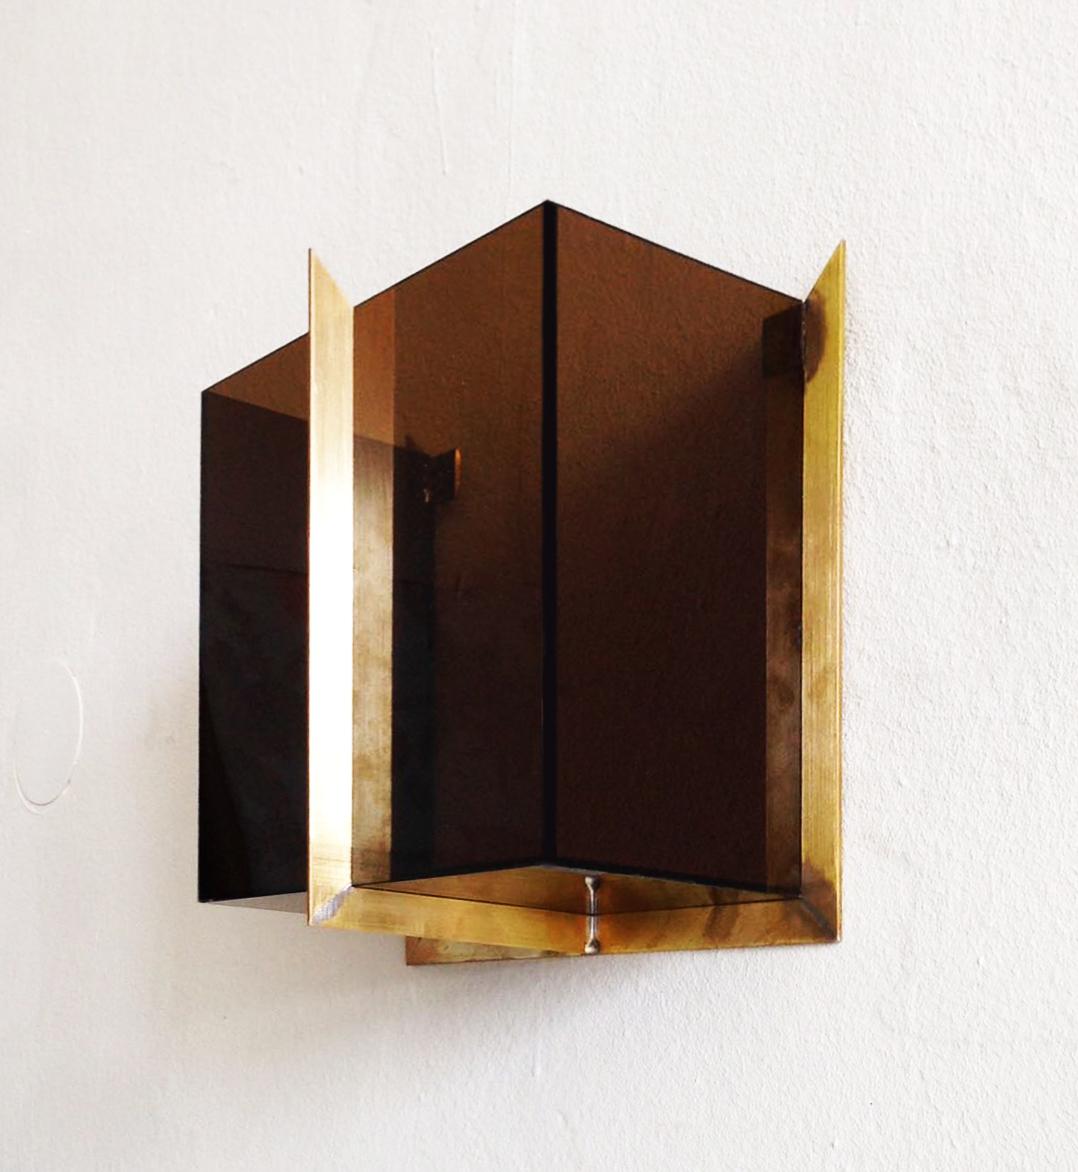 W.No.1 | 24 x 24 x 12 cm | brass, acrylic glass